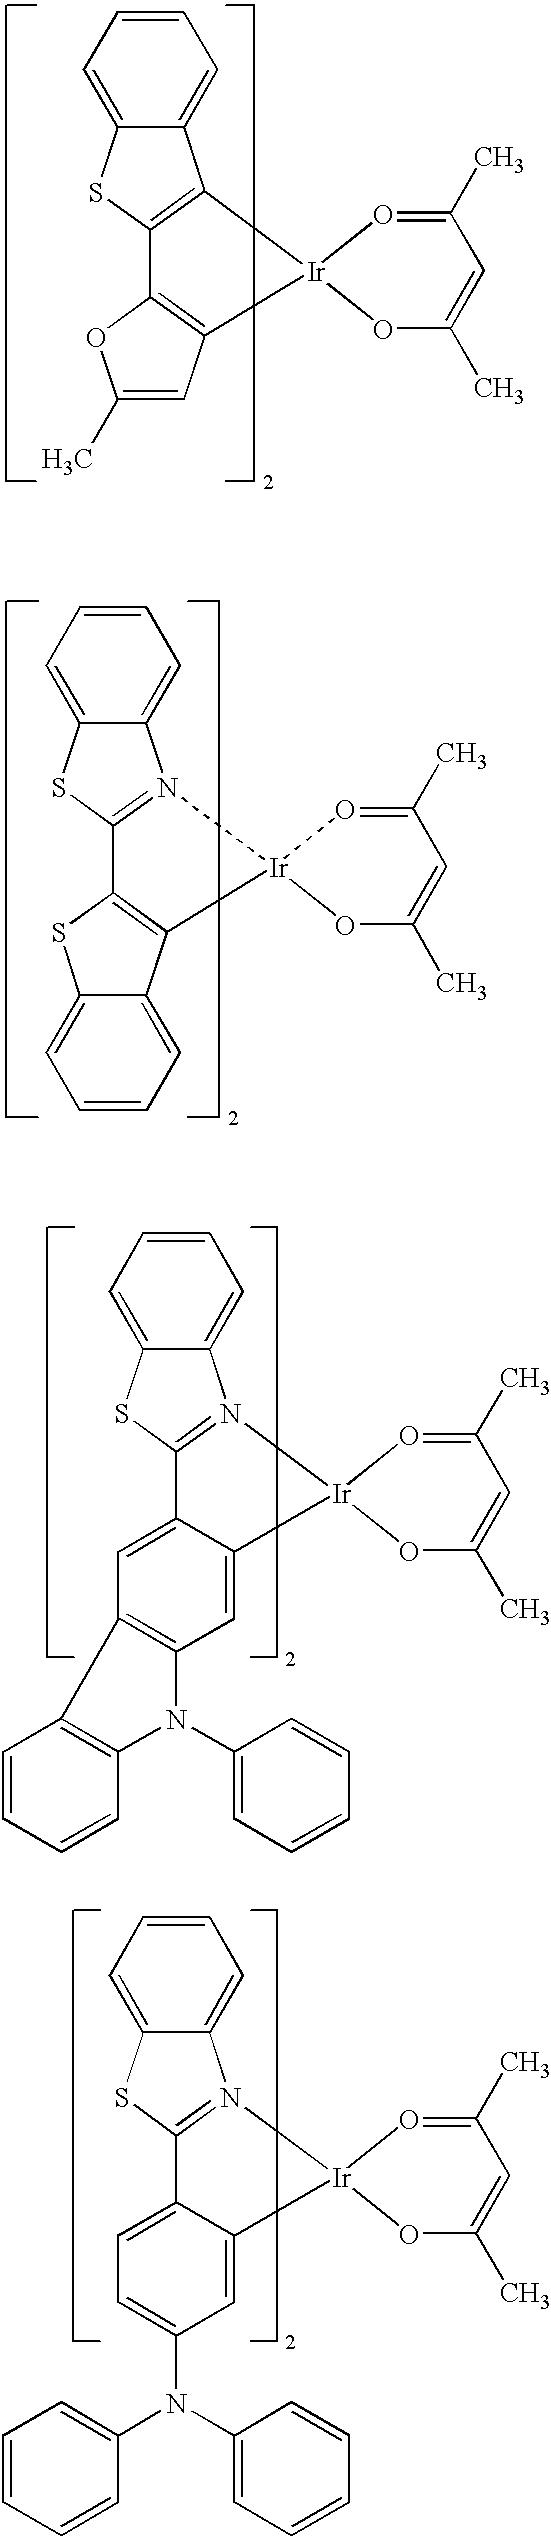 Figure US20060186796A1-20060824-C00081